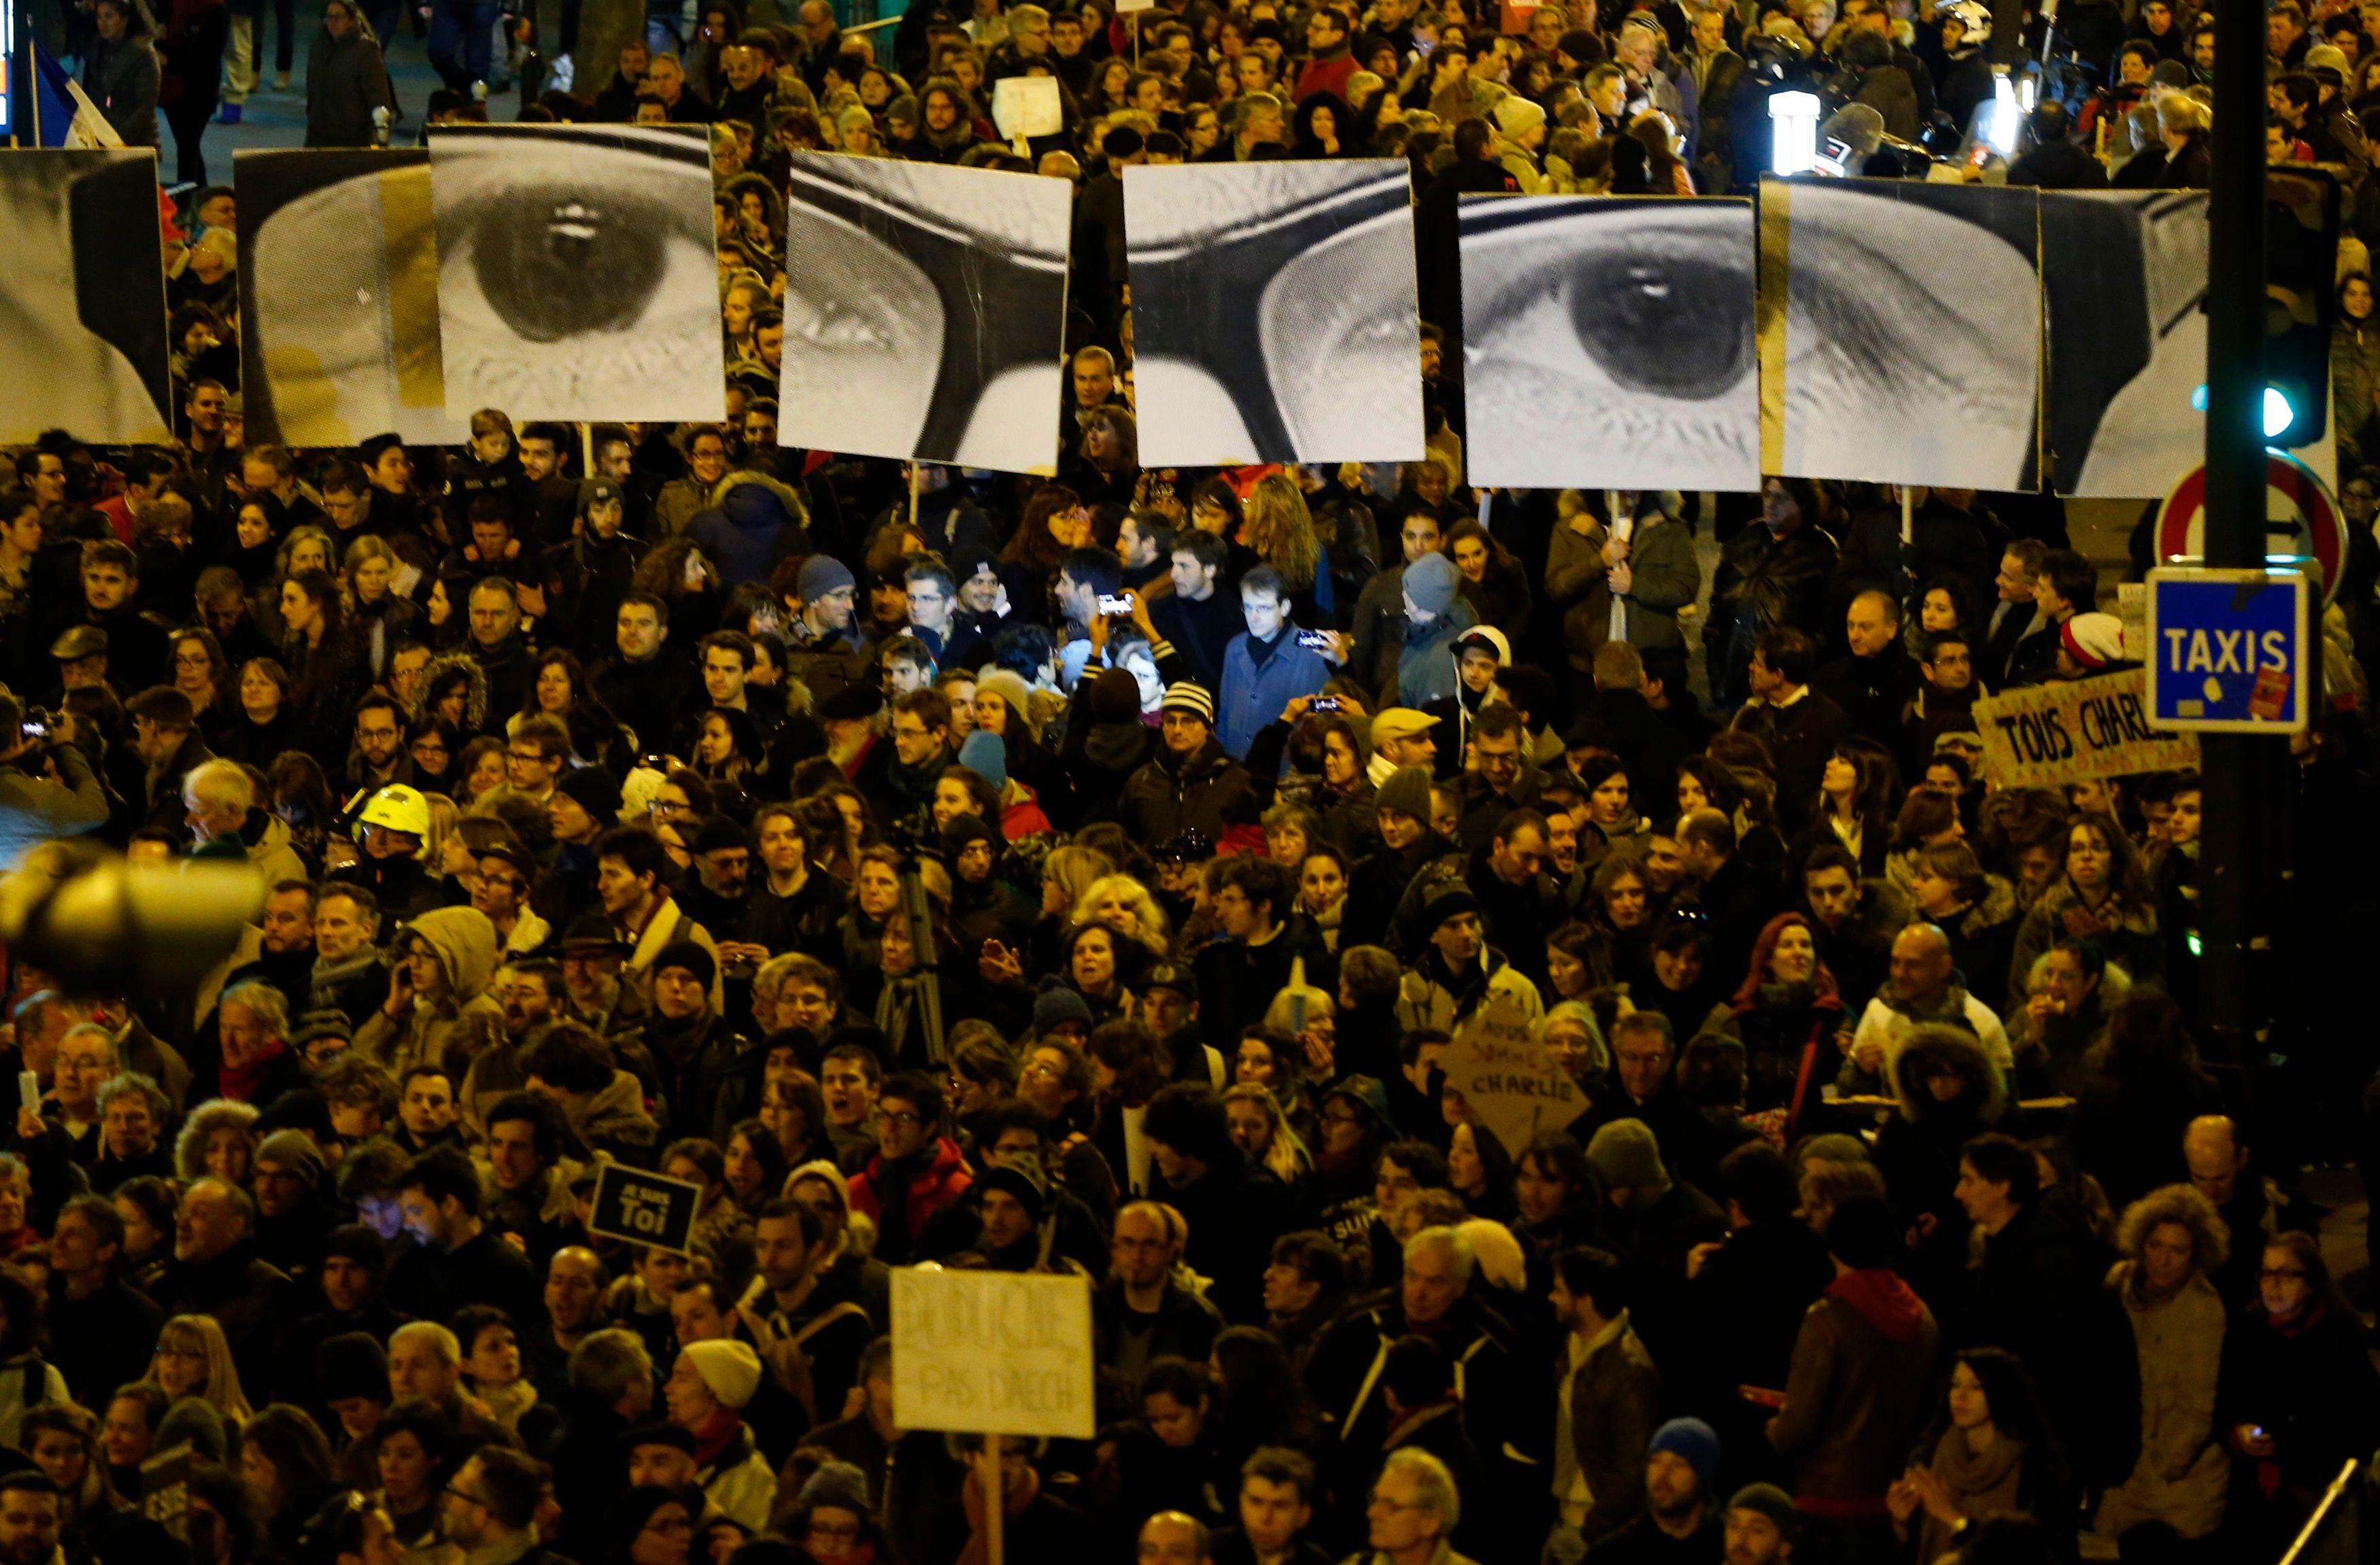 La France est submergée par une vague de rassemblements républicains inédite depuis la Libération.